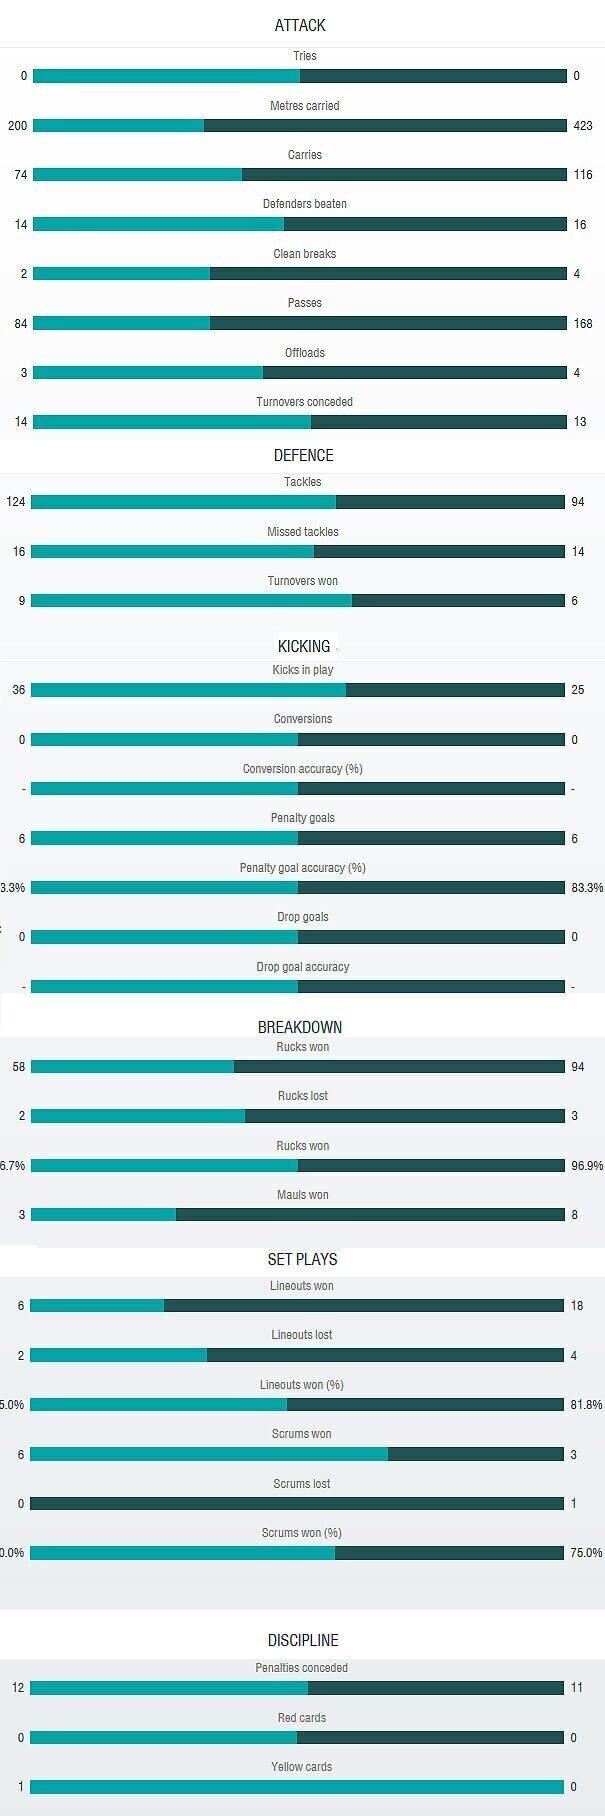 Argentina versus Australia